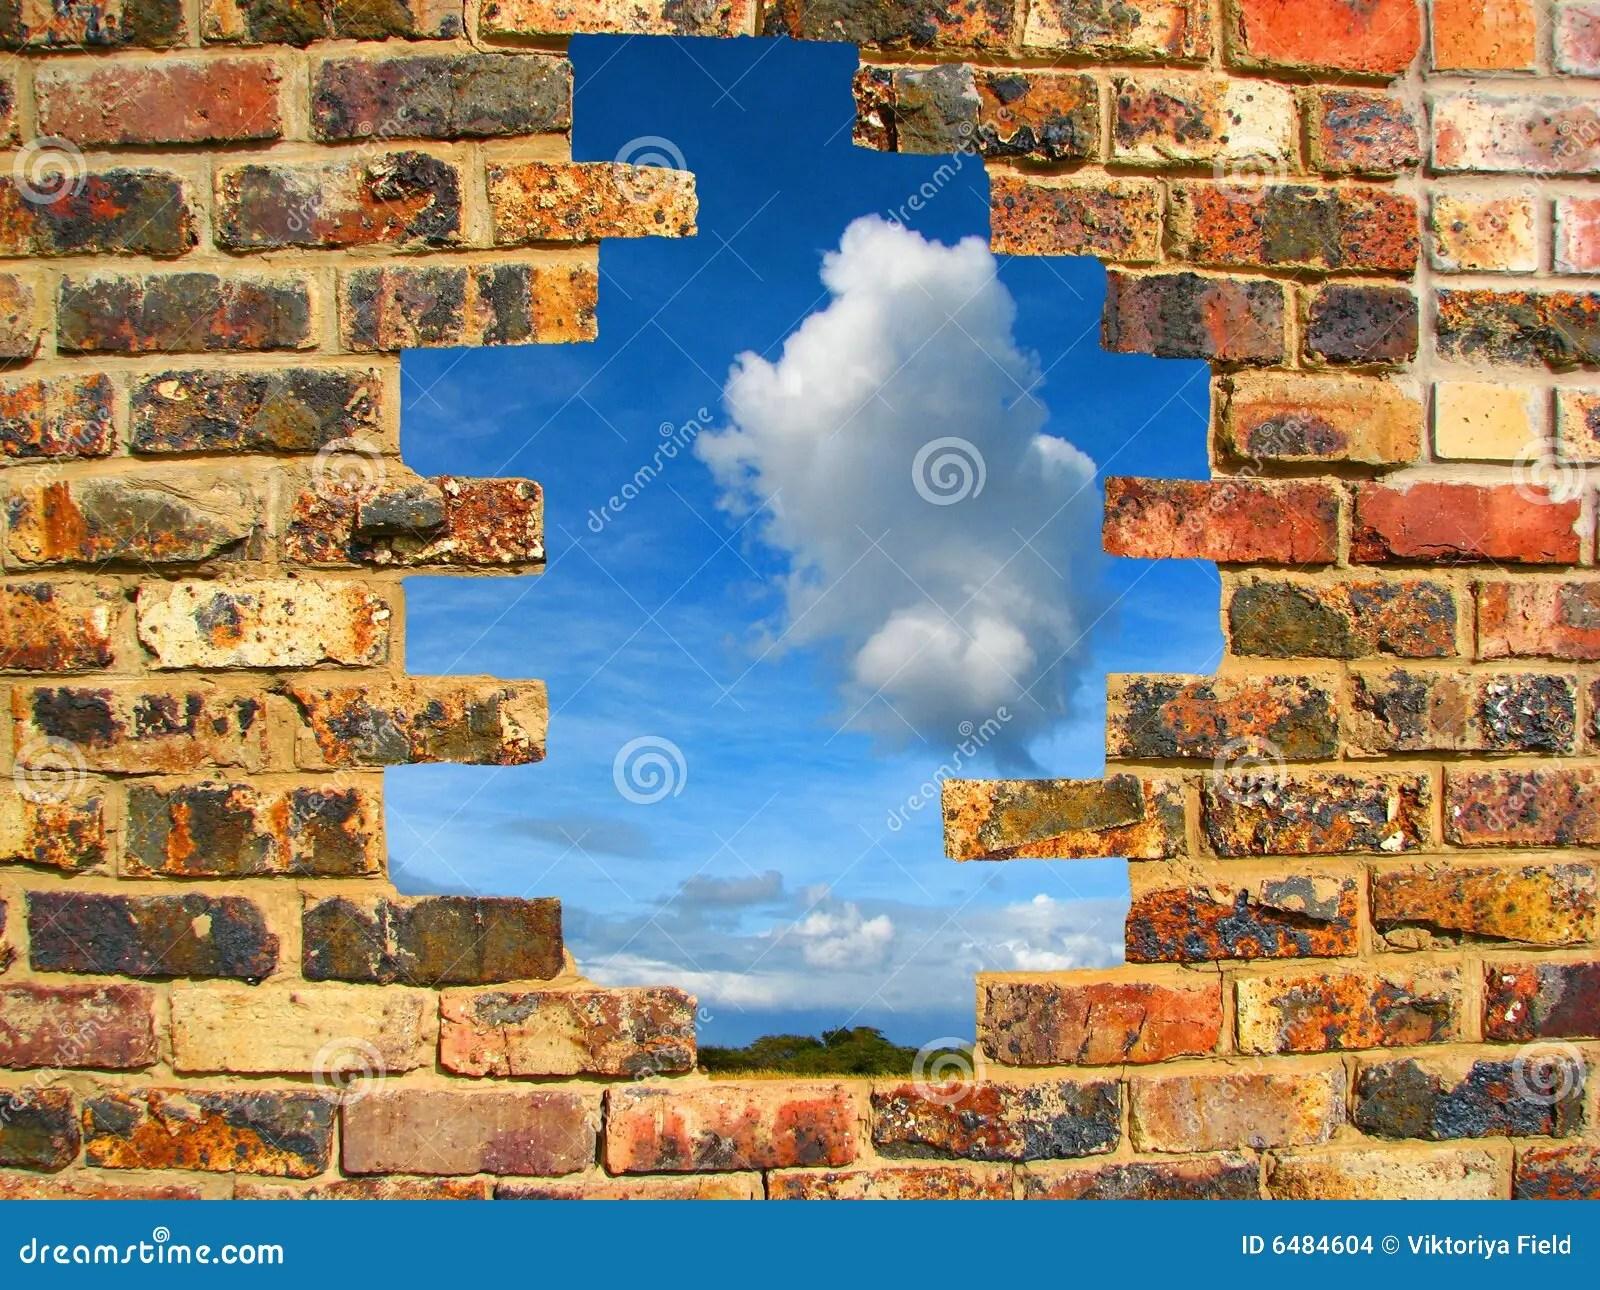 7 Horse Wallpaper 3d Broken Brick Wall Stock Photo Image Of Breaking Break